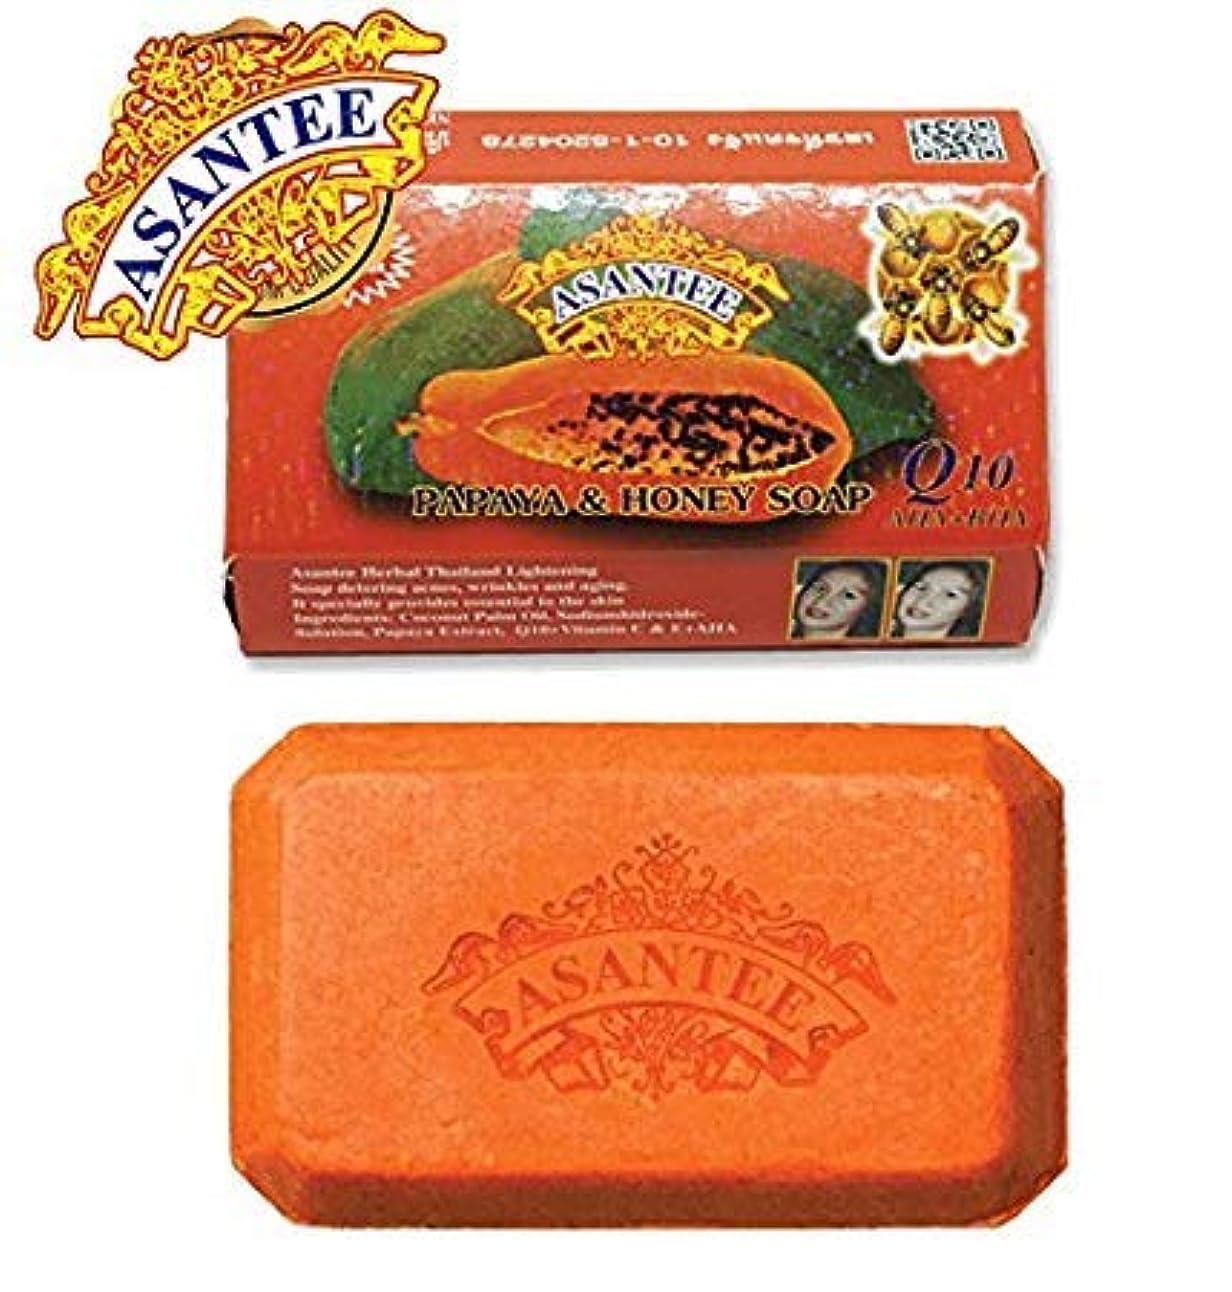 評価メナジェリーおっとAsantee Thai Papaya Herbal Skin Whitening Soap 135g (1 pcs)